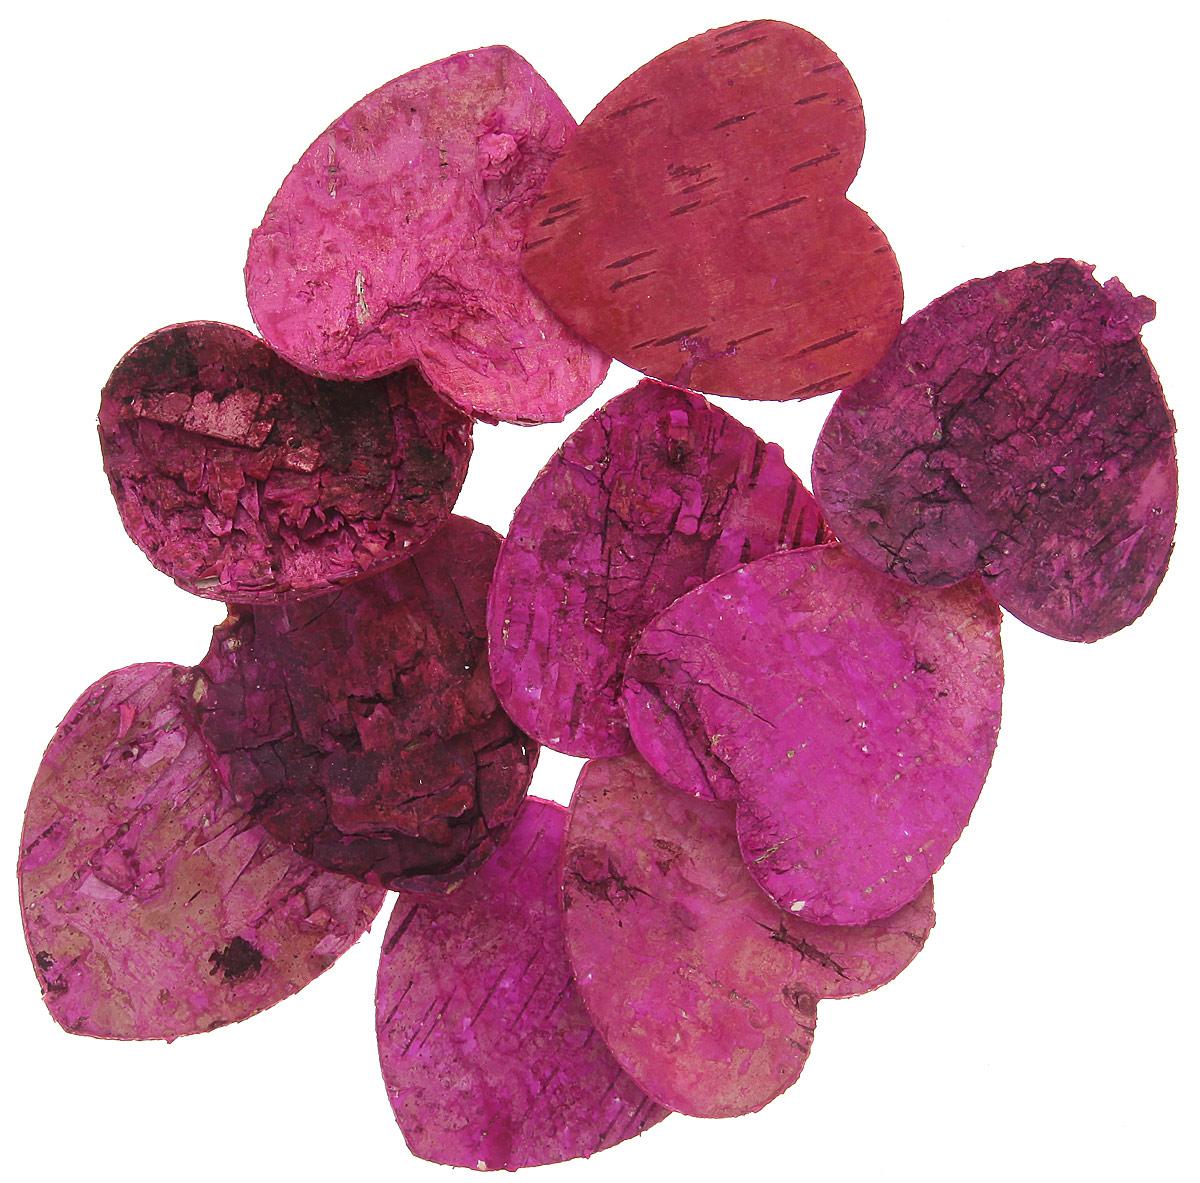 Декоративный элемент Dongjiang Art Сердце, цвет: фуксия, 10 шт7709004_розовыйДекоративный элемент Dongjiang Art Сердце, изготовленный из натуральной коры дерева, предназначен для украшения цветочных композиций. Изделие можно также использовать в технике скрапбукинг и многом другом. Флористика - вид декоративно-прикладного искусства, который использует живые, засушенные или консервированные природные материалы для создания флористических работ. Это целый мир, в котором есть место и строгому математическому расчету, и вдохновению. Размер одного элемента: 5 см х 5 см.